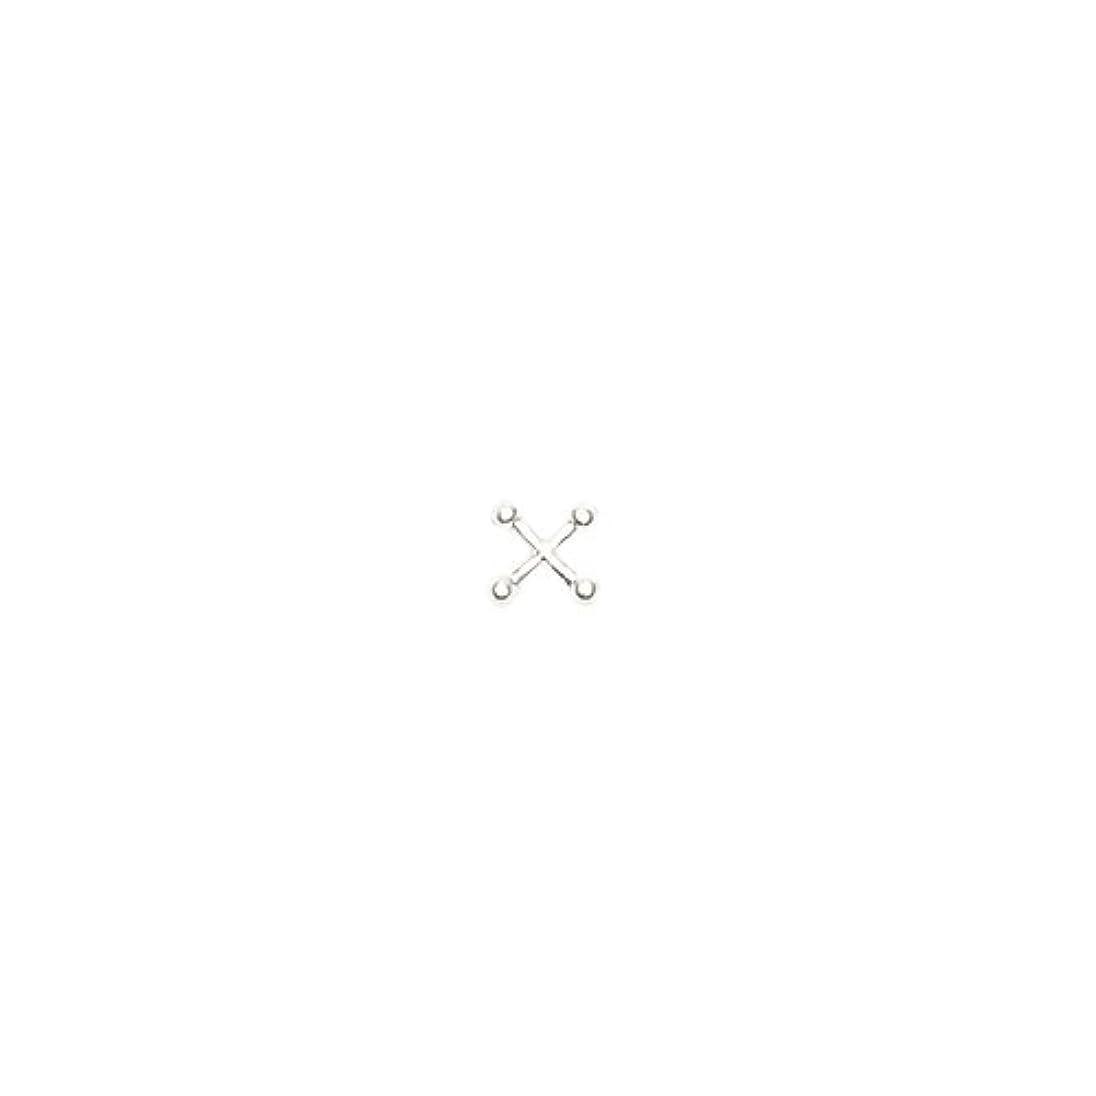 追う求人風変わりなボディピアスパーツ クロス/シルバー